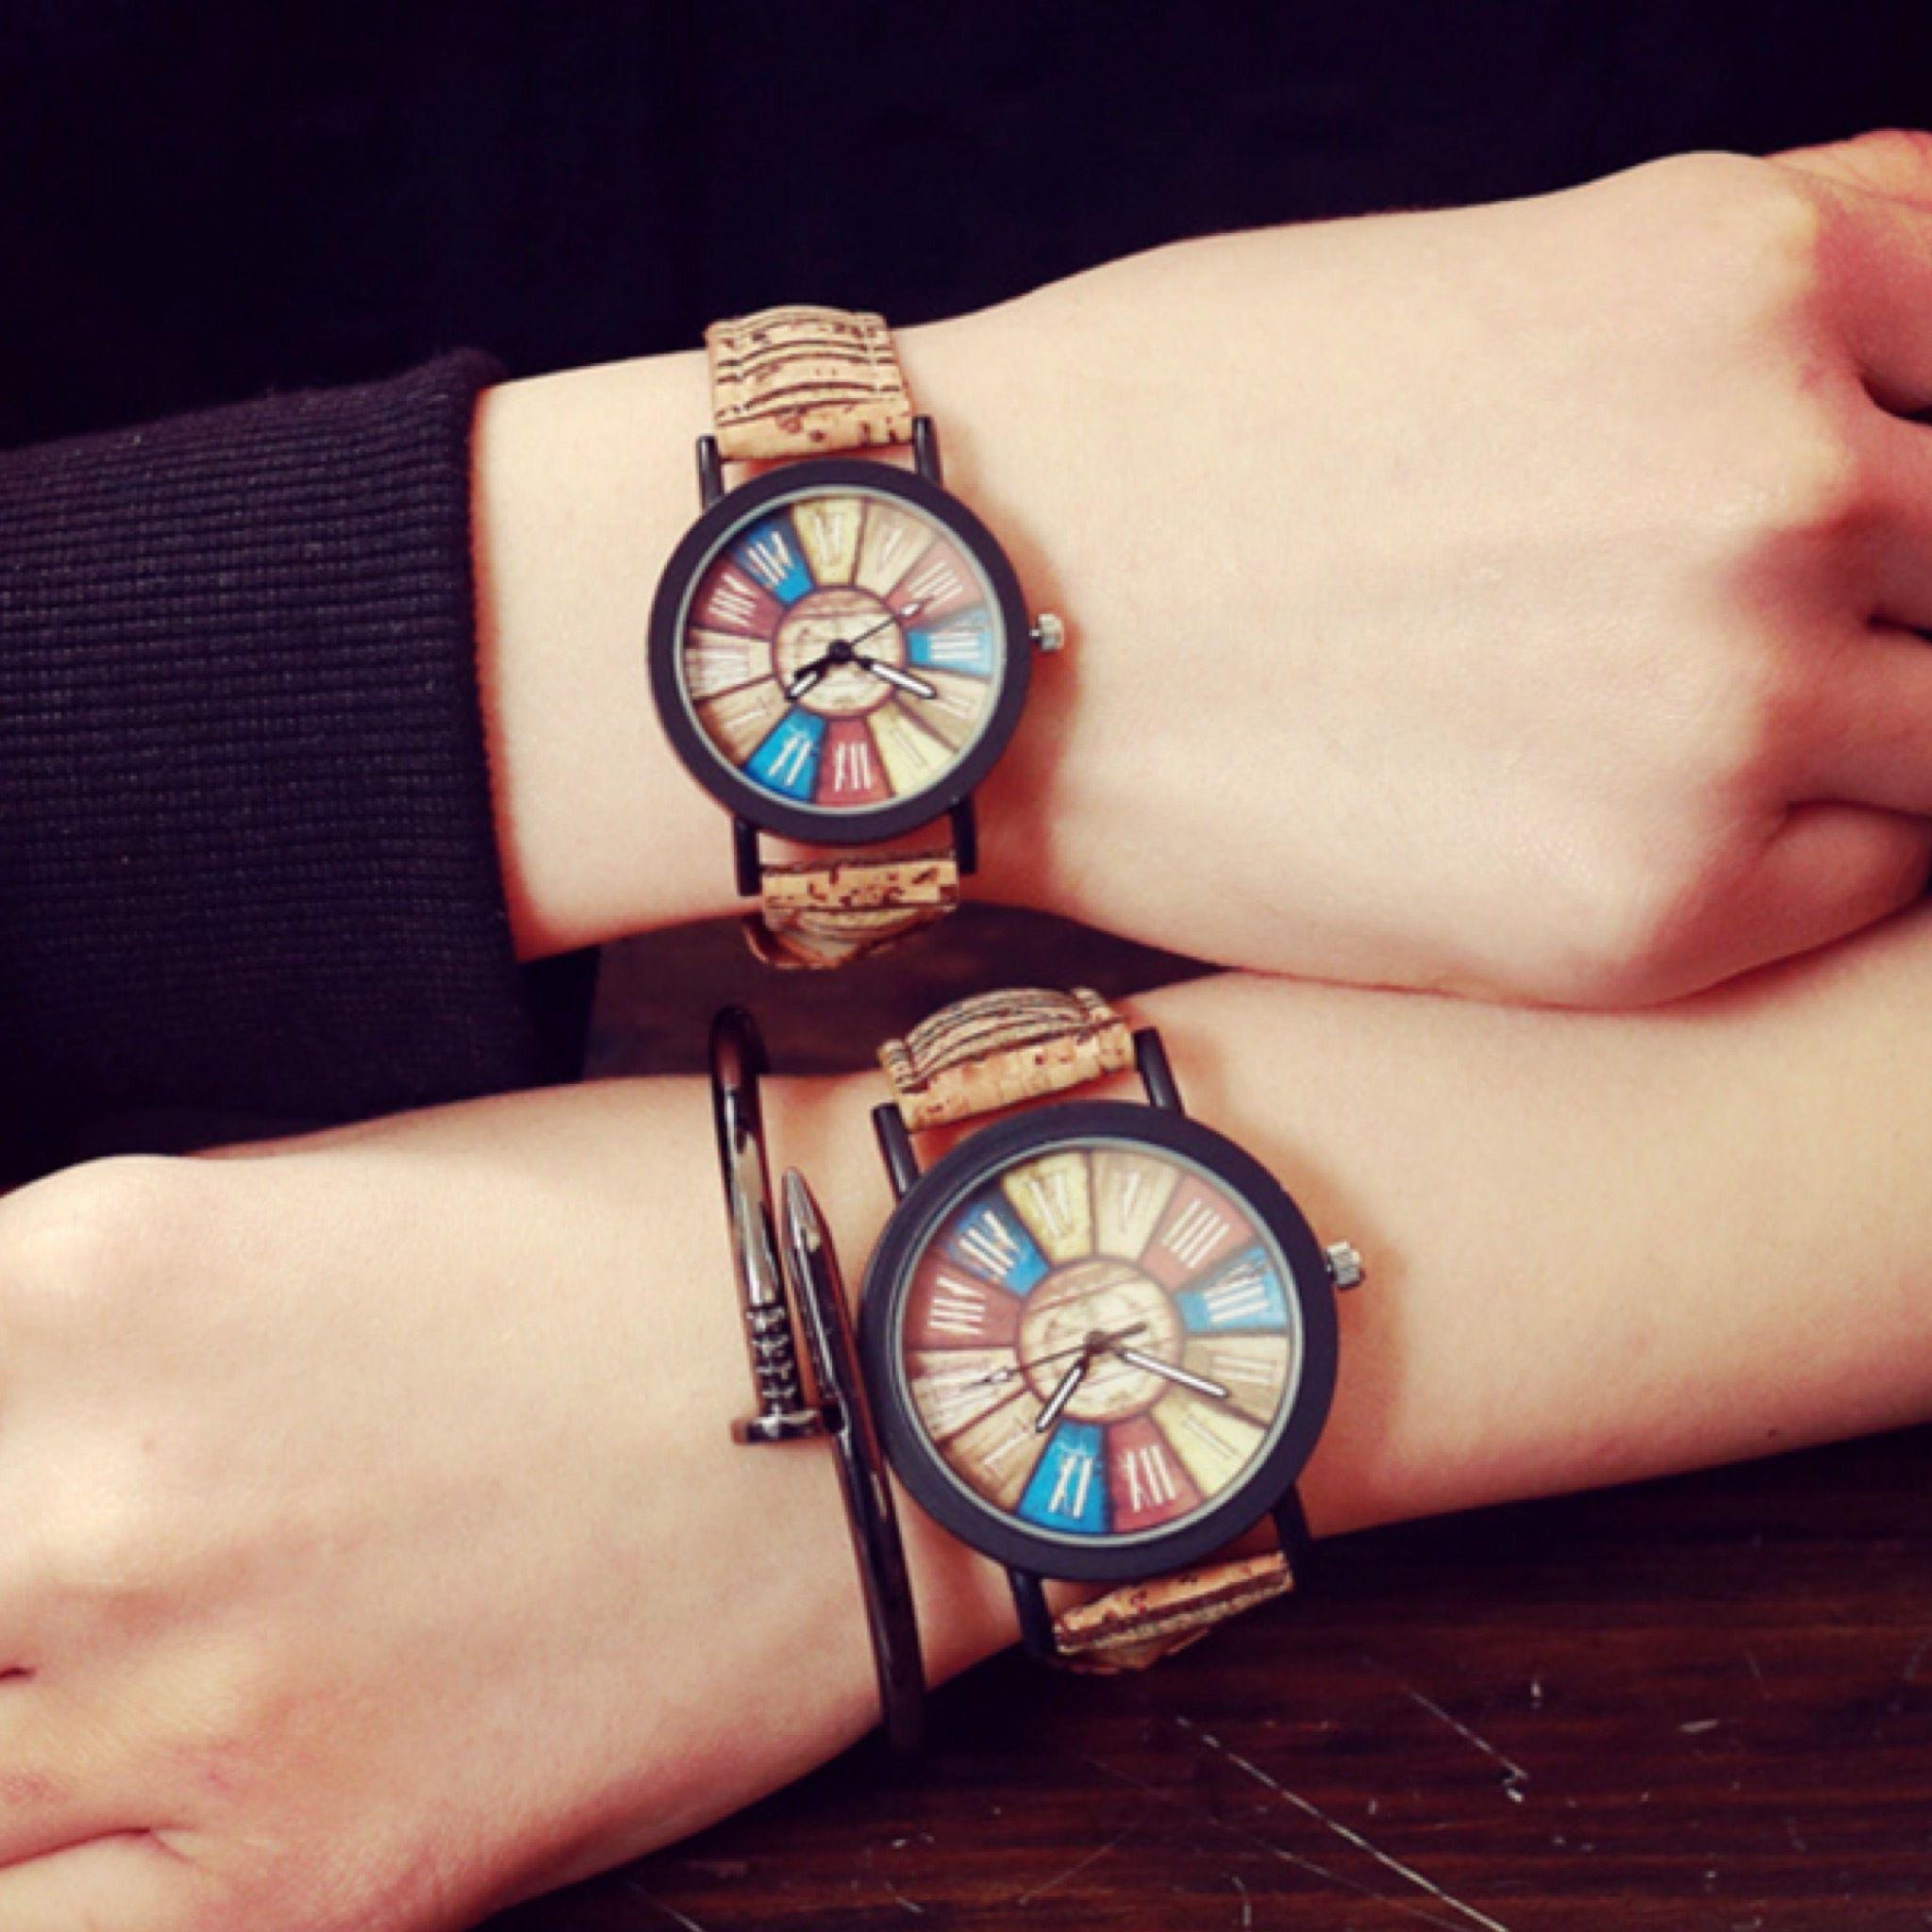 ウッドテイストペアウォッチ レディース メンズ 腕時計 シンプル ギフト 人気 プレゼント 時計 おしゃれ 安い かわいい プチプラ ブレスレット 激安  コルク